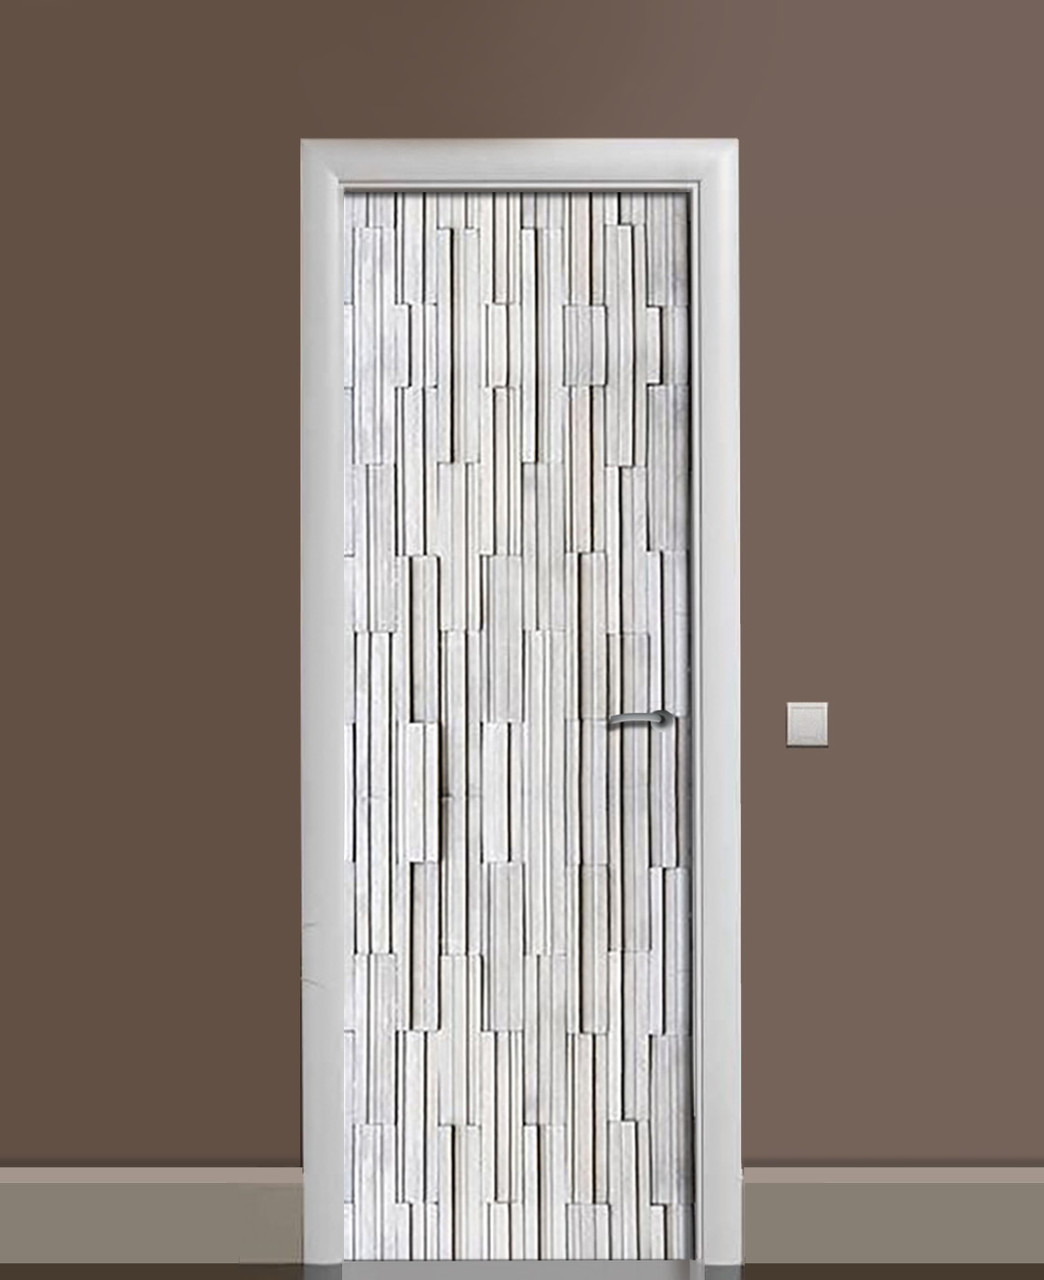 Вінілова наклейка на двері Абстракція Метал ПВХ плівка з ламінуванням 65*200см Текстура Сірий